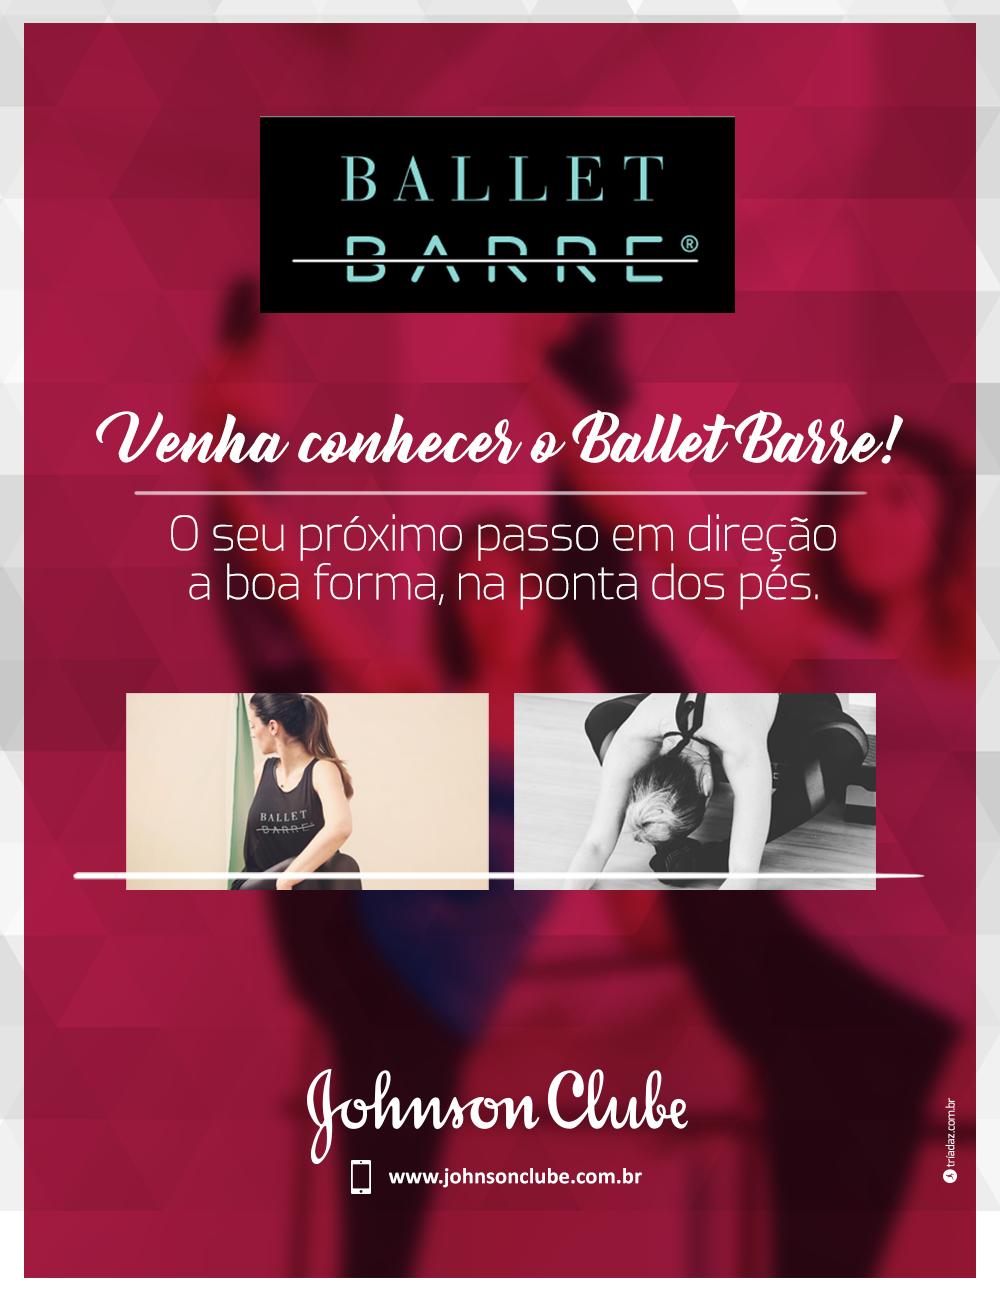 Venha conhecer o Ballet Barre! O seu próximo passo em direção a boa forma, na ponta dos pés.